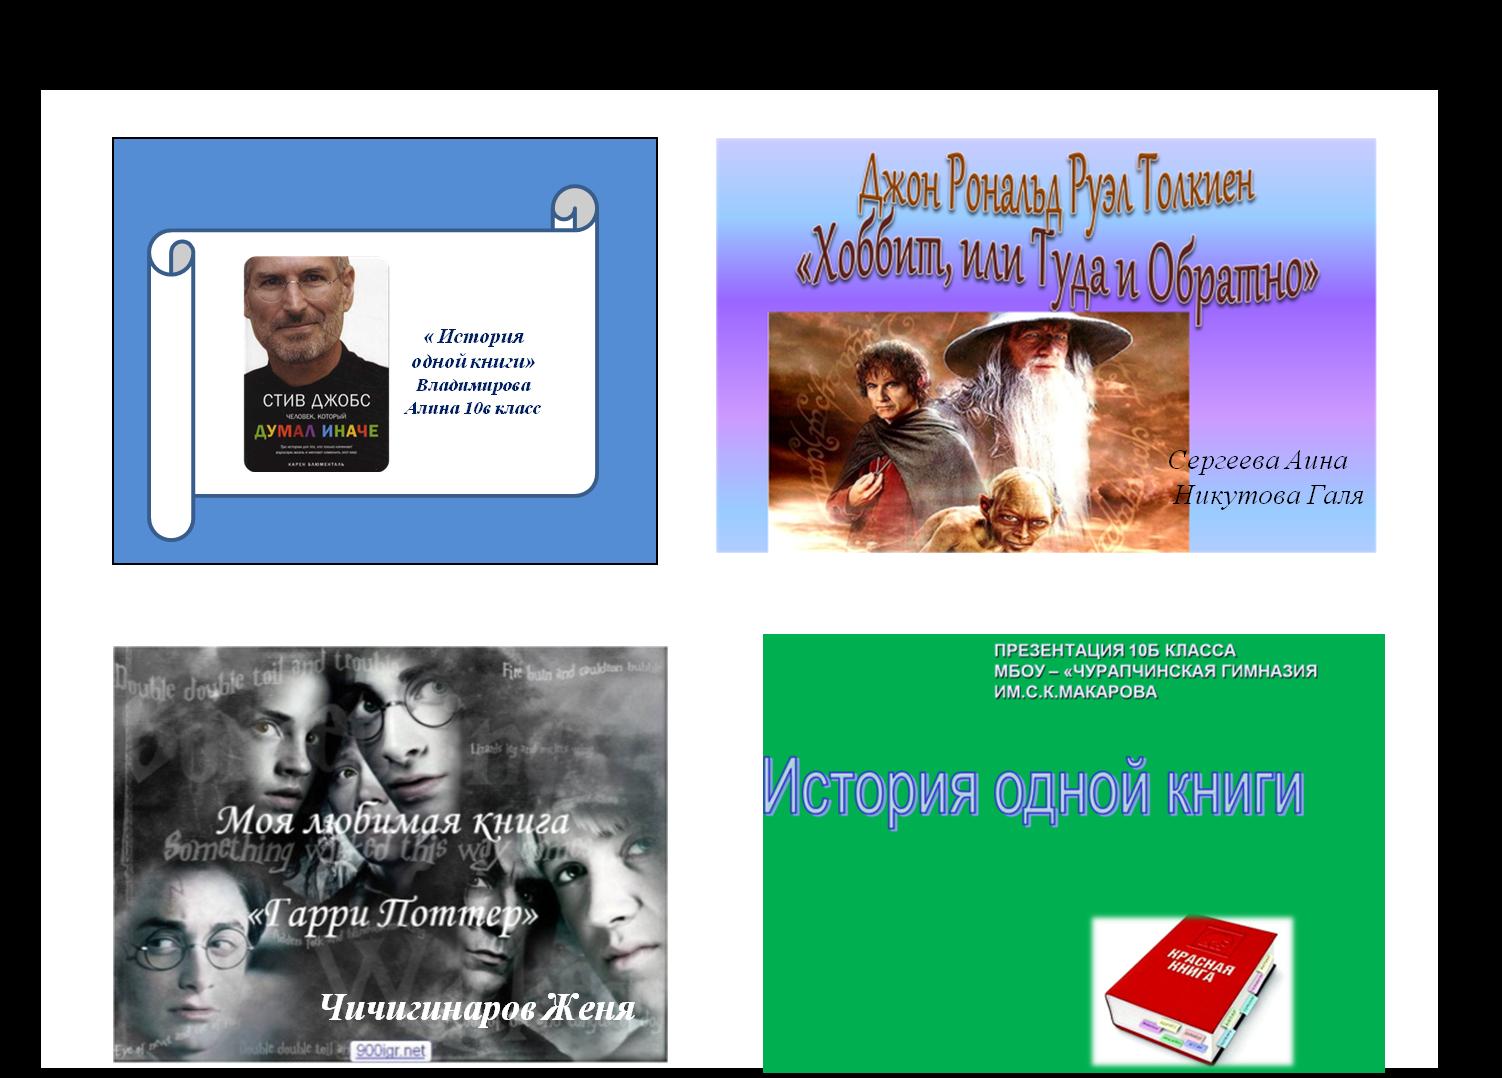 презентации на тему осенний бал смотреть онлайн